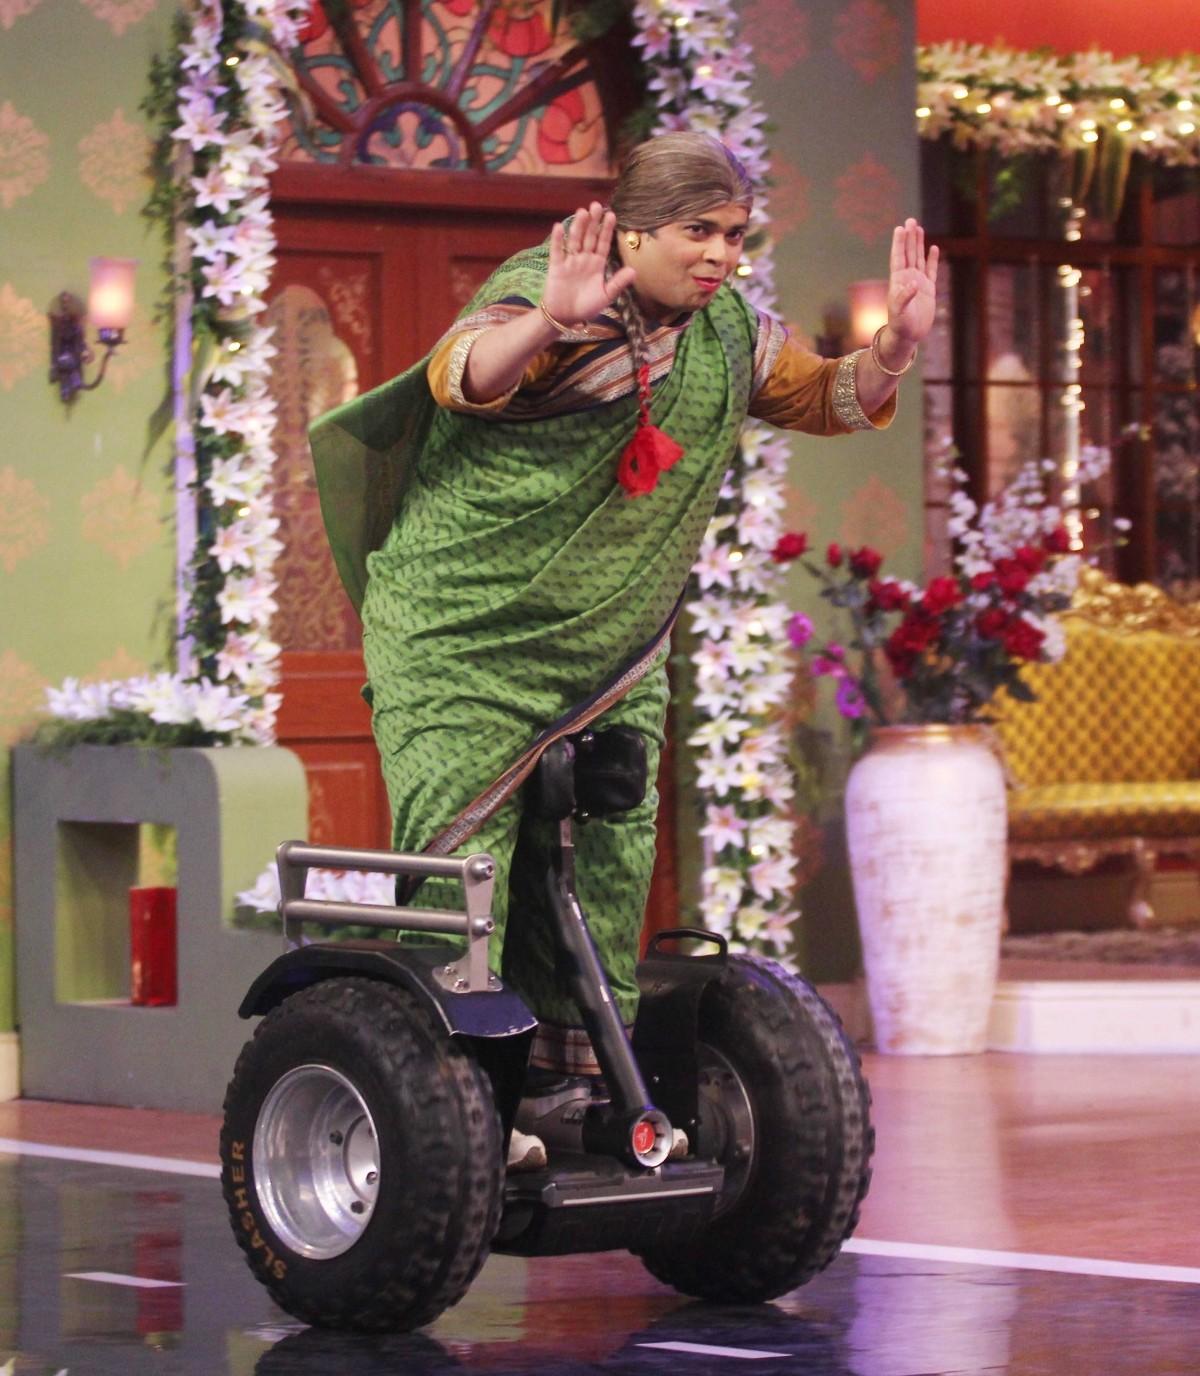 Pankhuri enters on a self-balancing two-wheeler